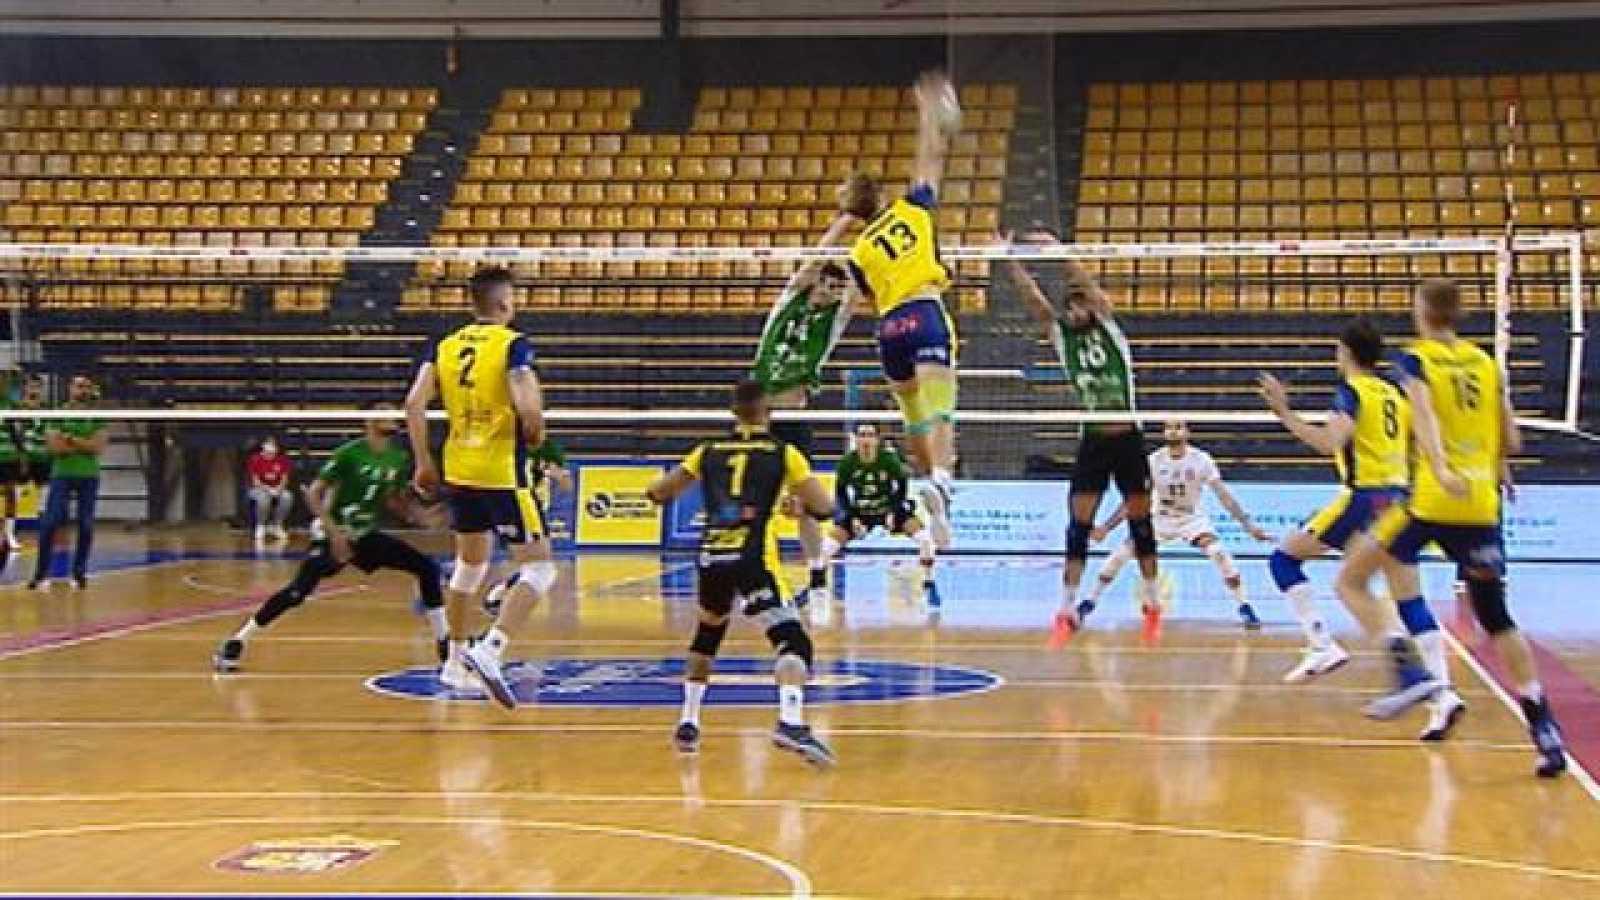 Deportes Canarias - 23/10/2020